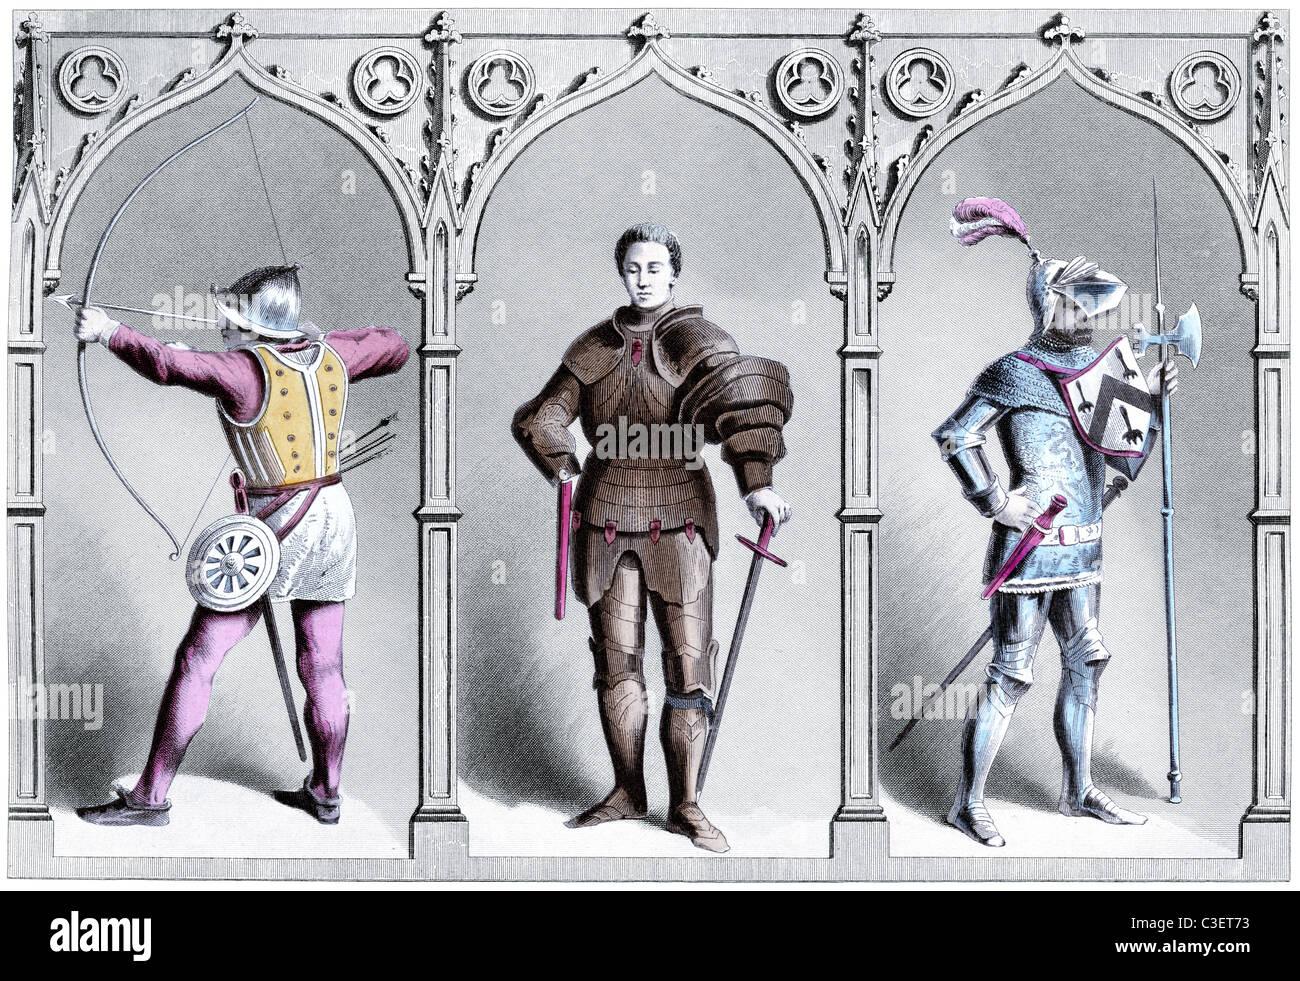 Militärische Kostüm aus dem fünfzehnten Jahrhundert (Vintage-Gravur) Stockbild